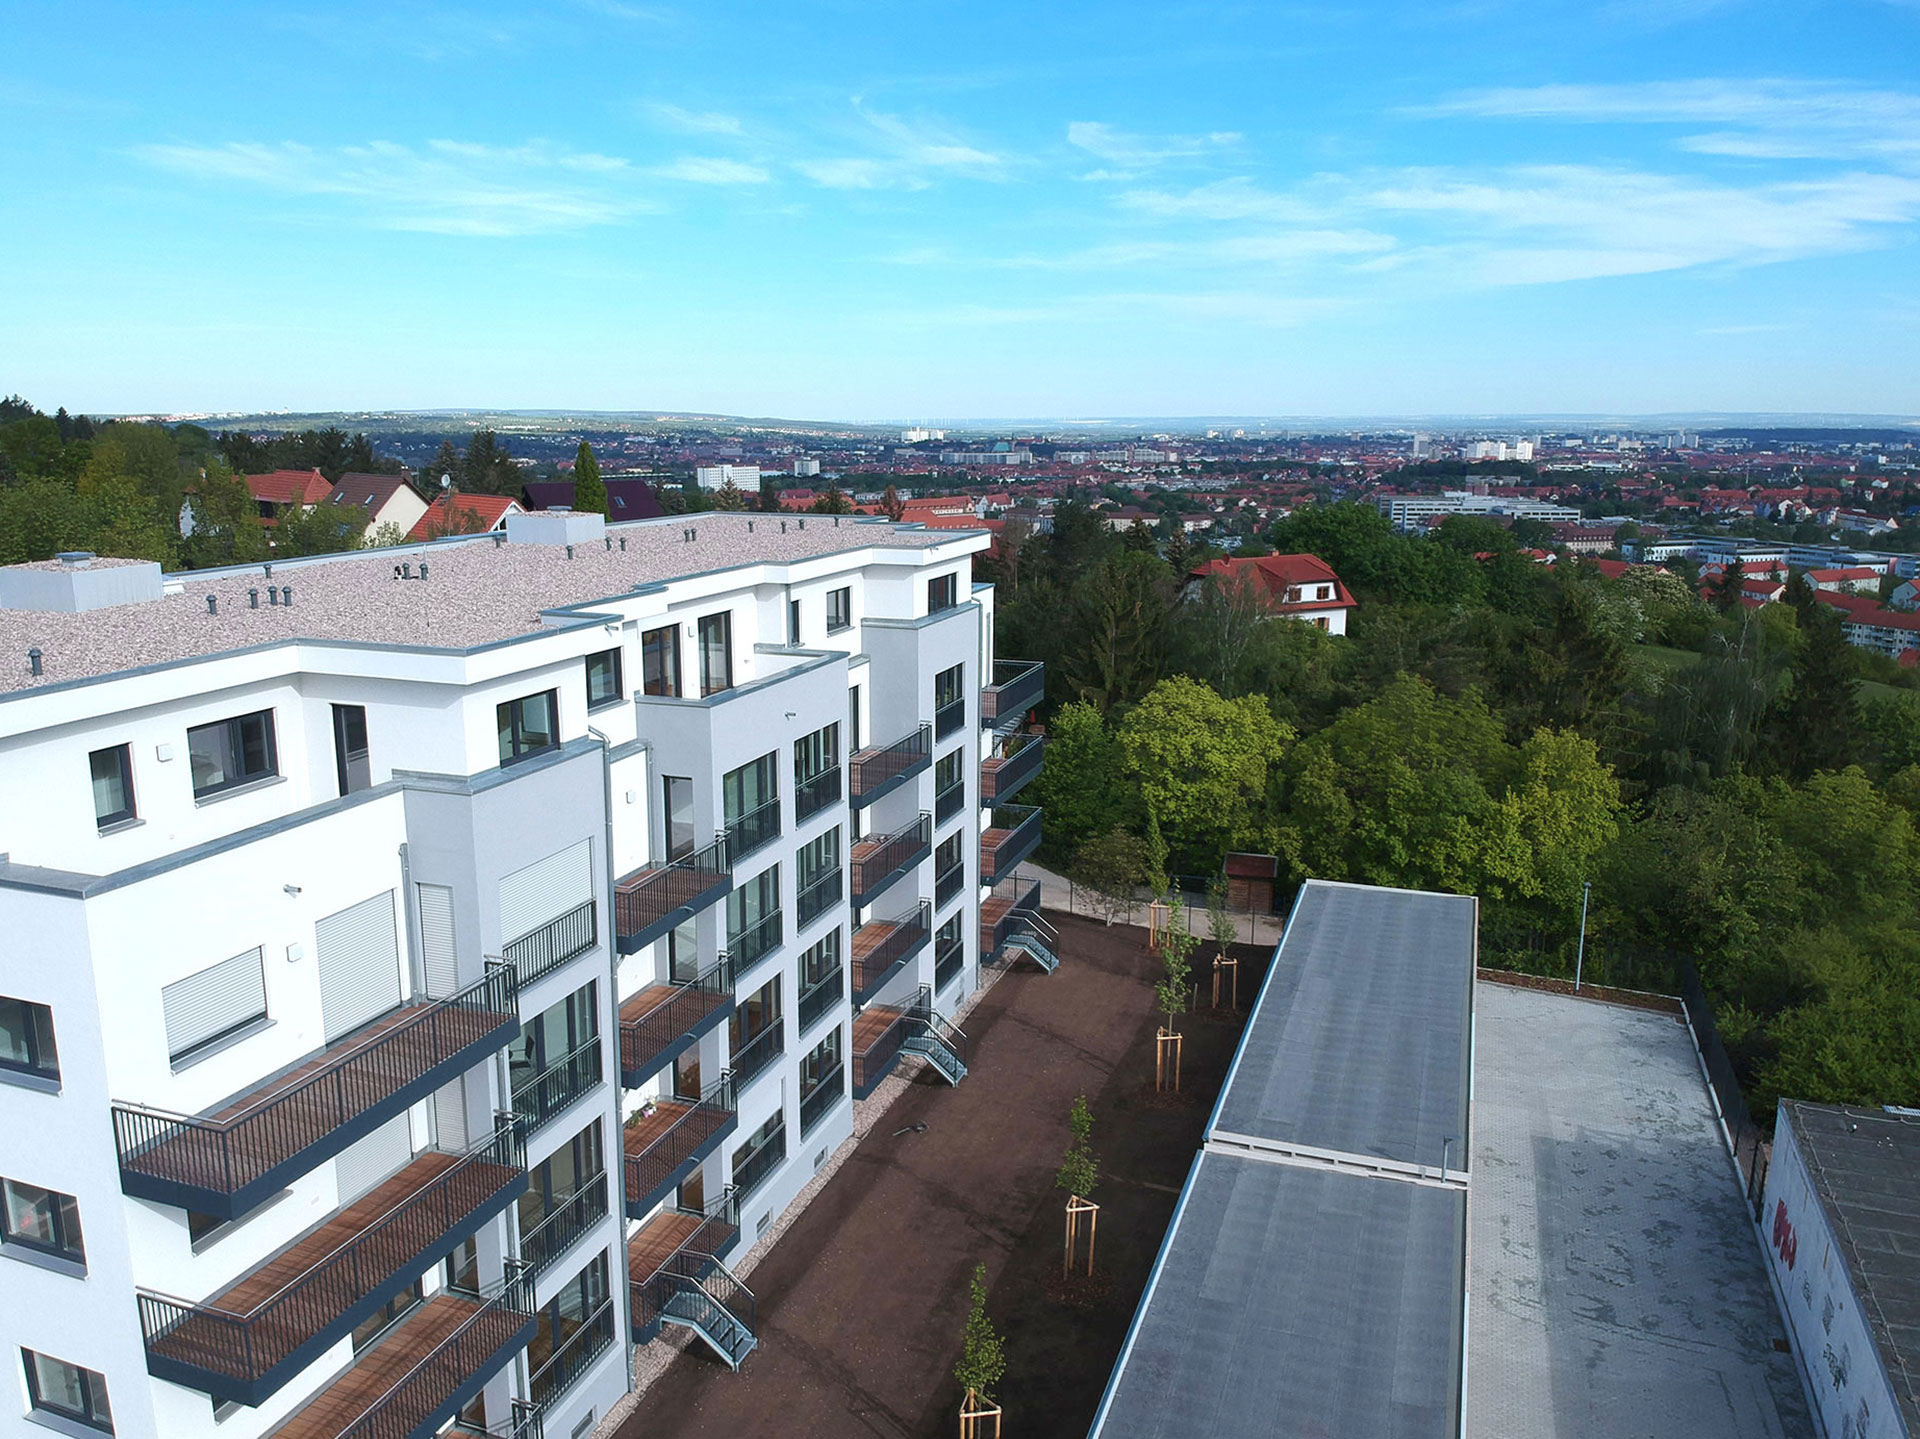 Fertigstellung unseres Mehrfamilienhauses in Erfurt-Süd